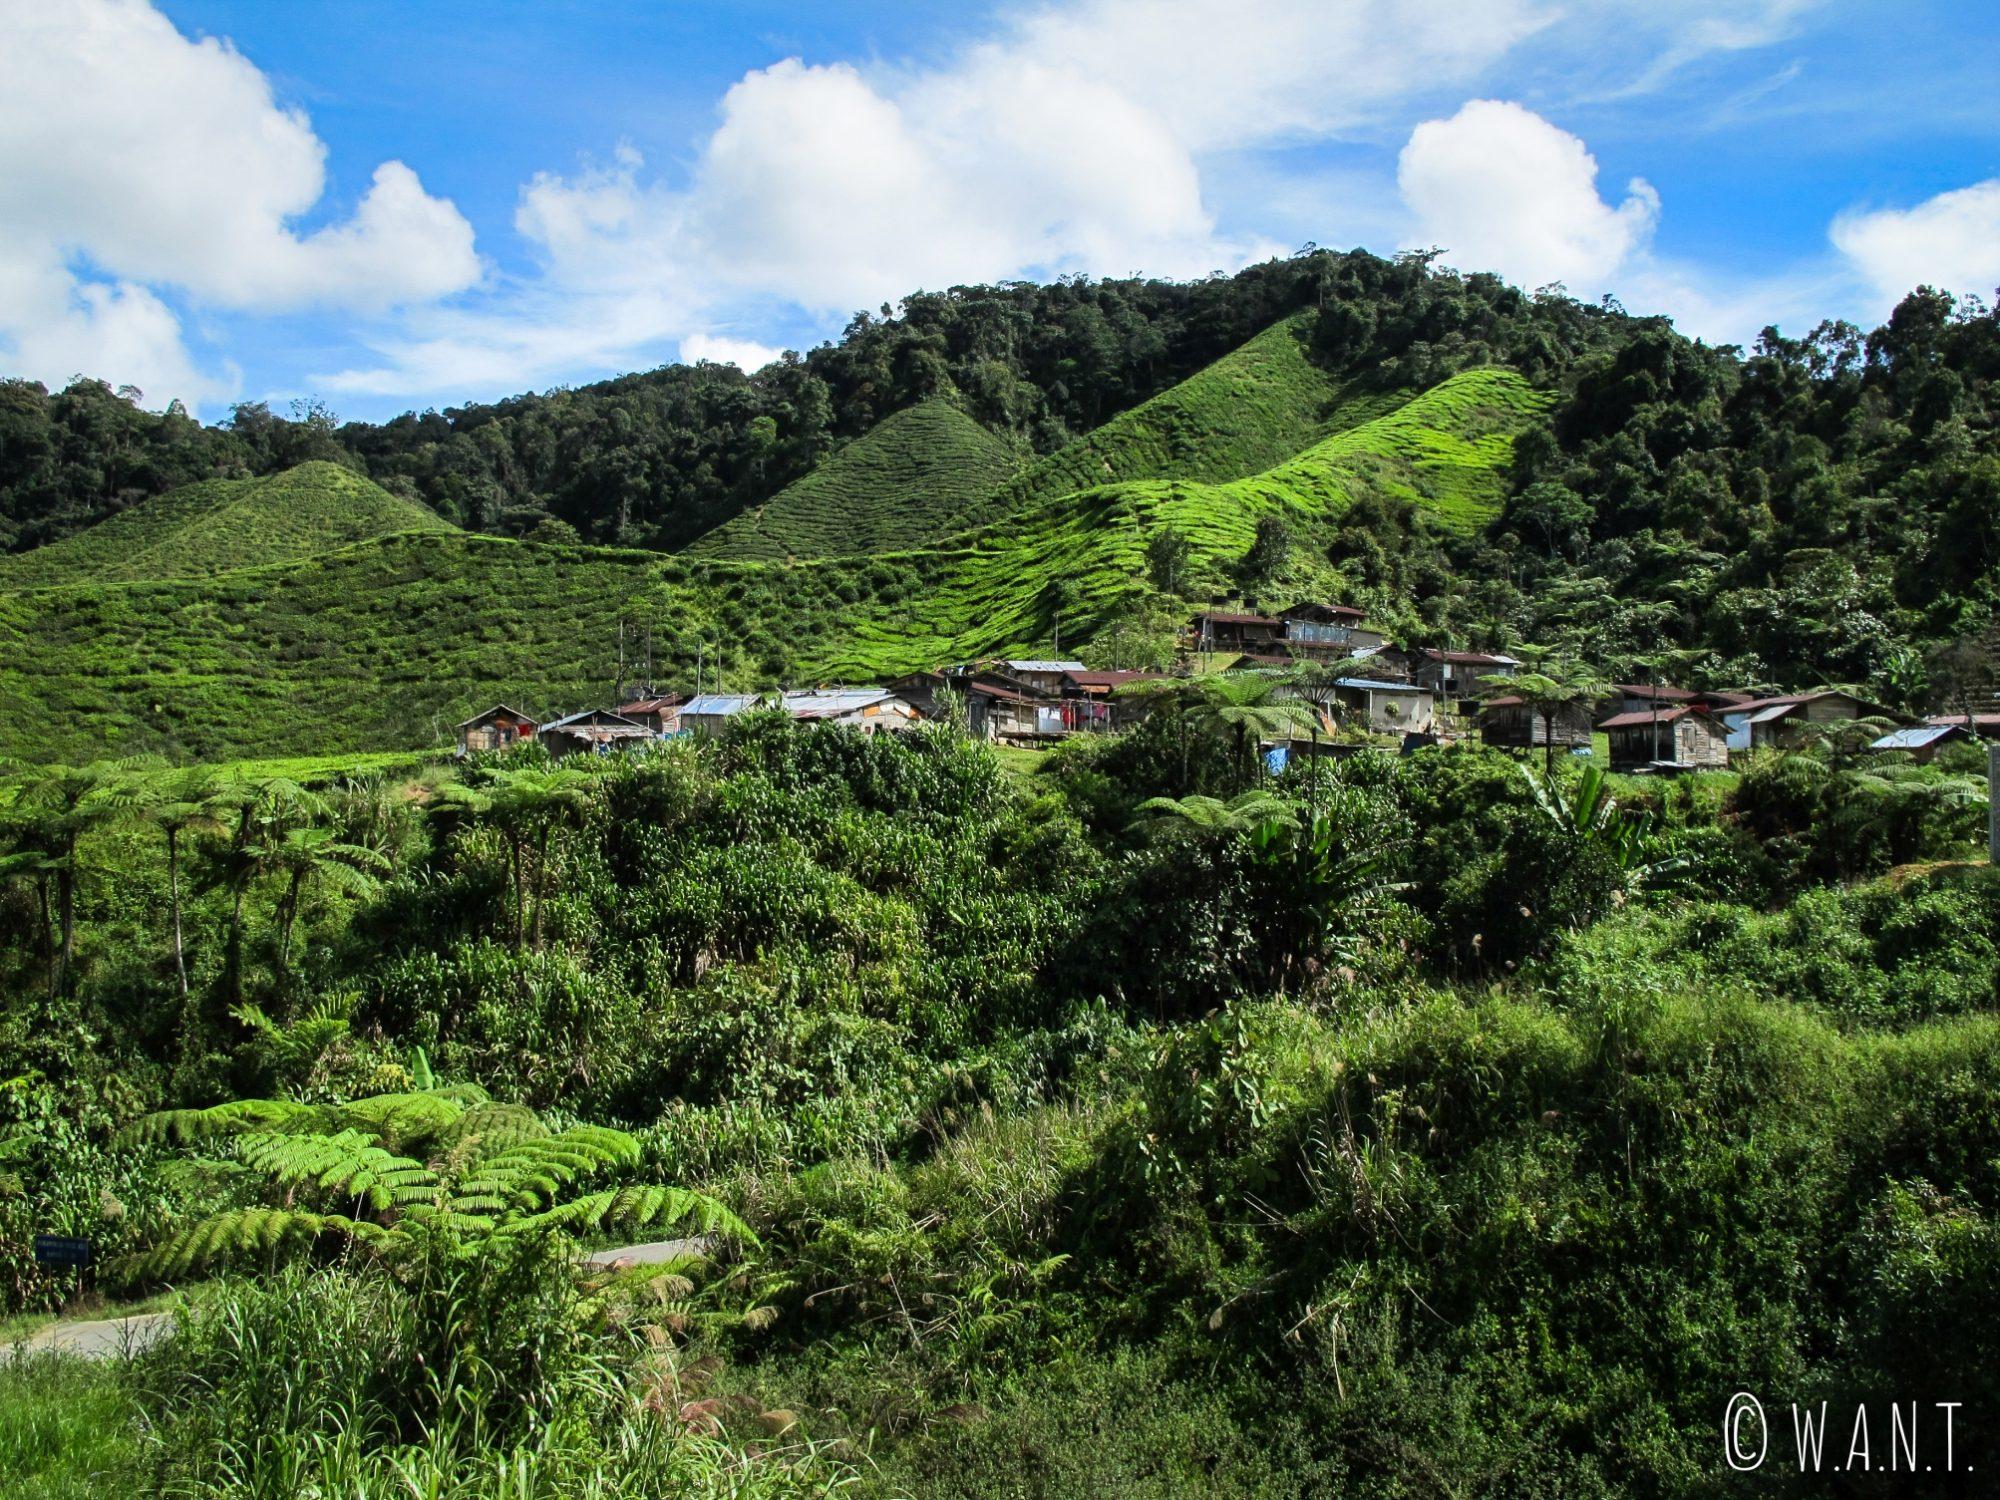 Vue sur le village d'Orang Asli depuis le trail numéro 6